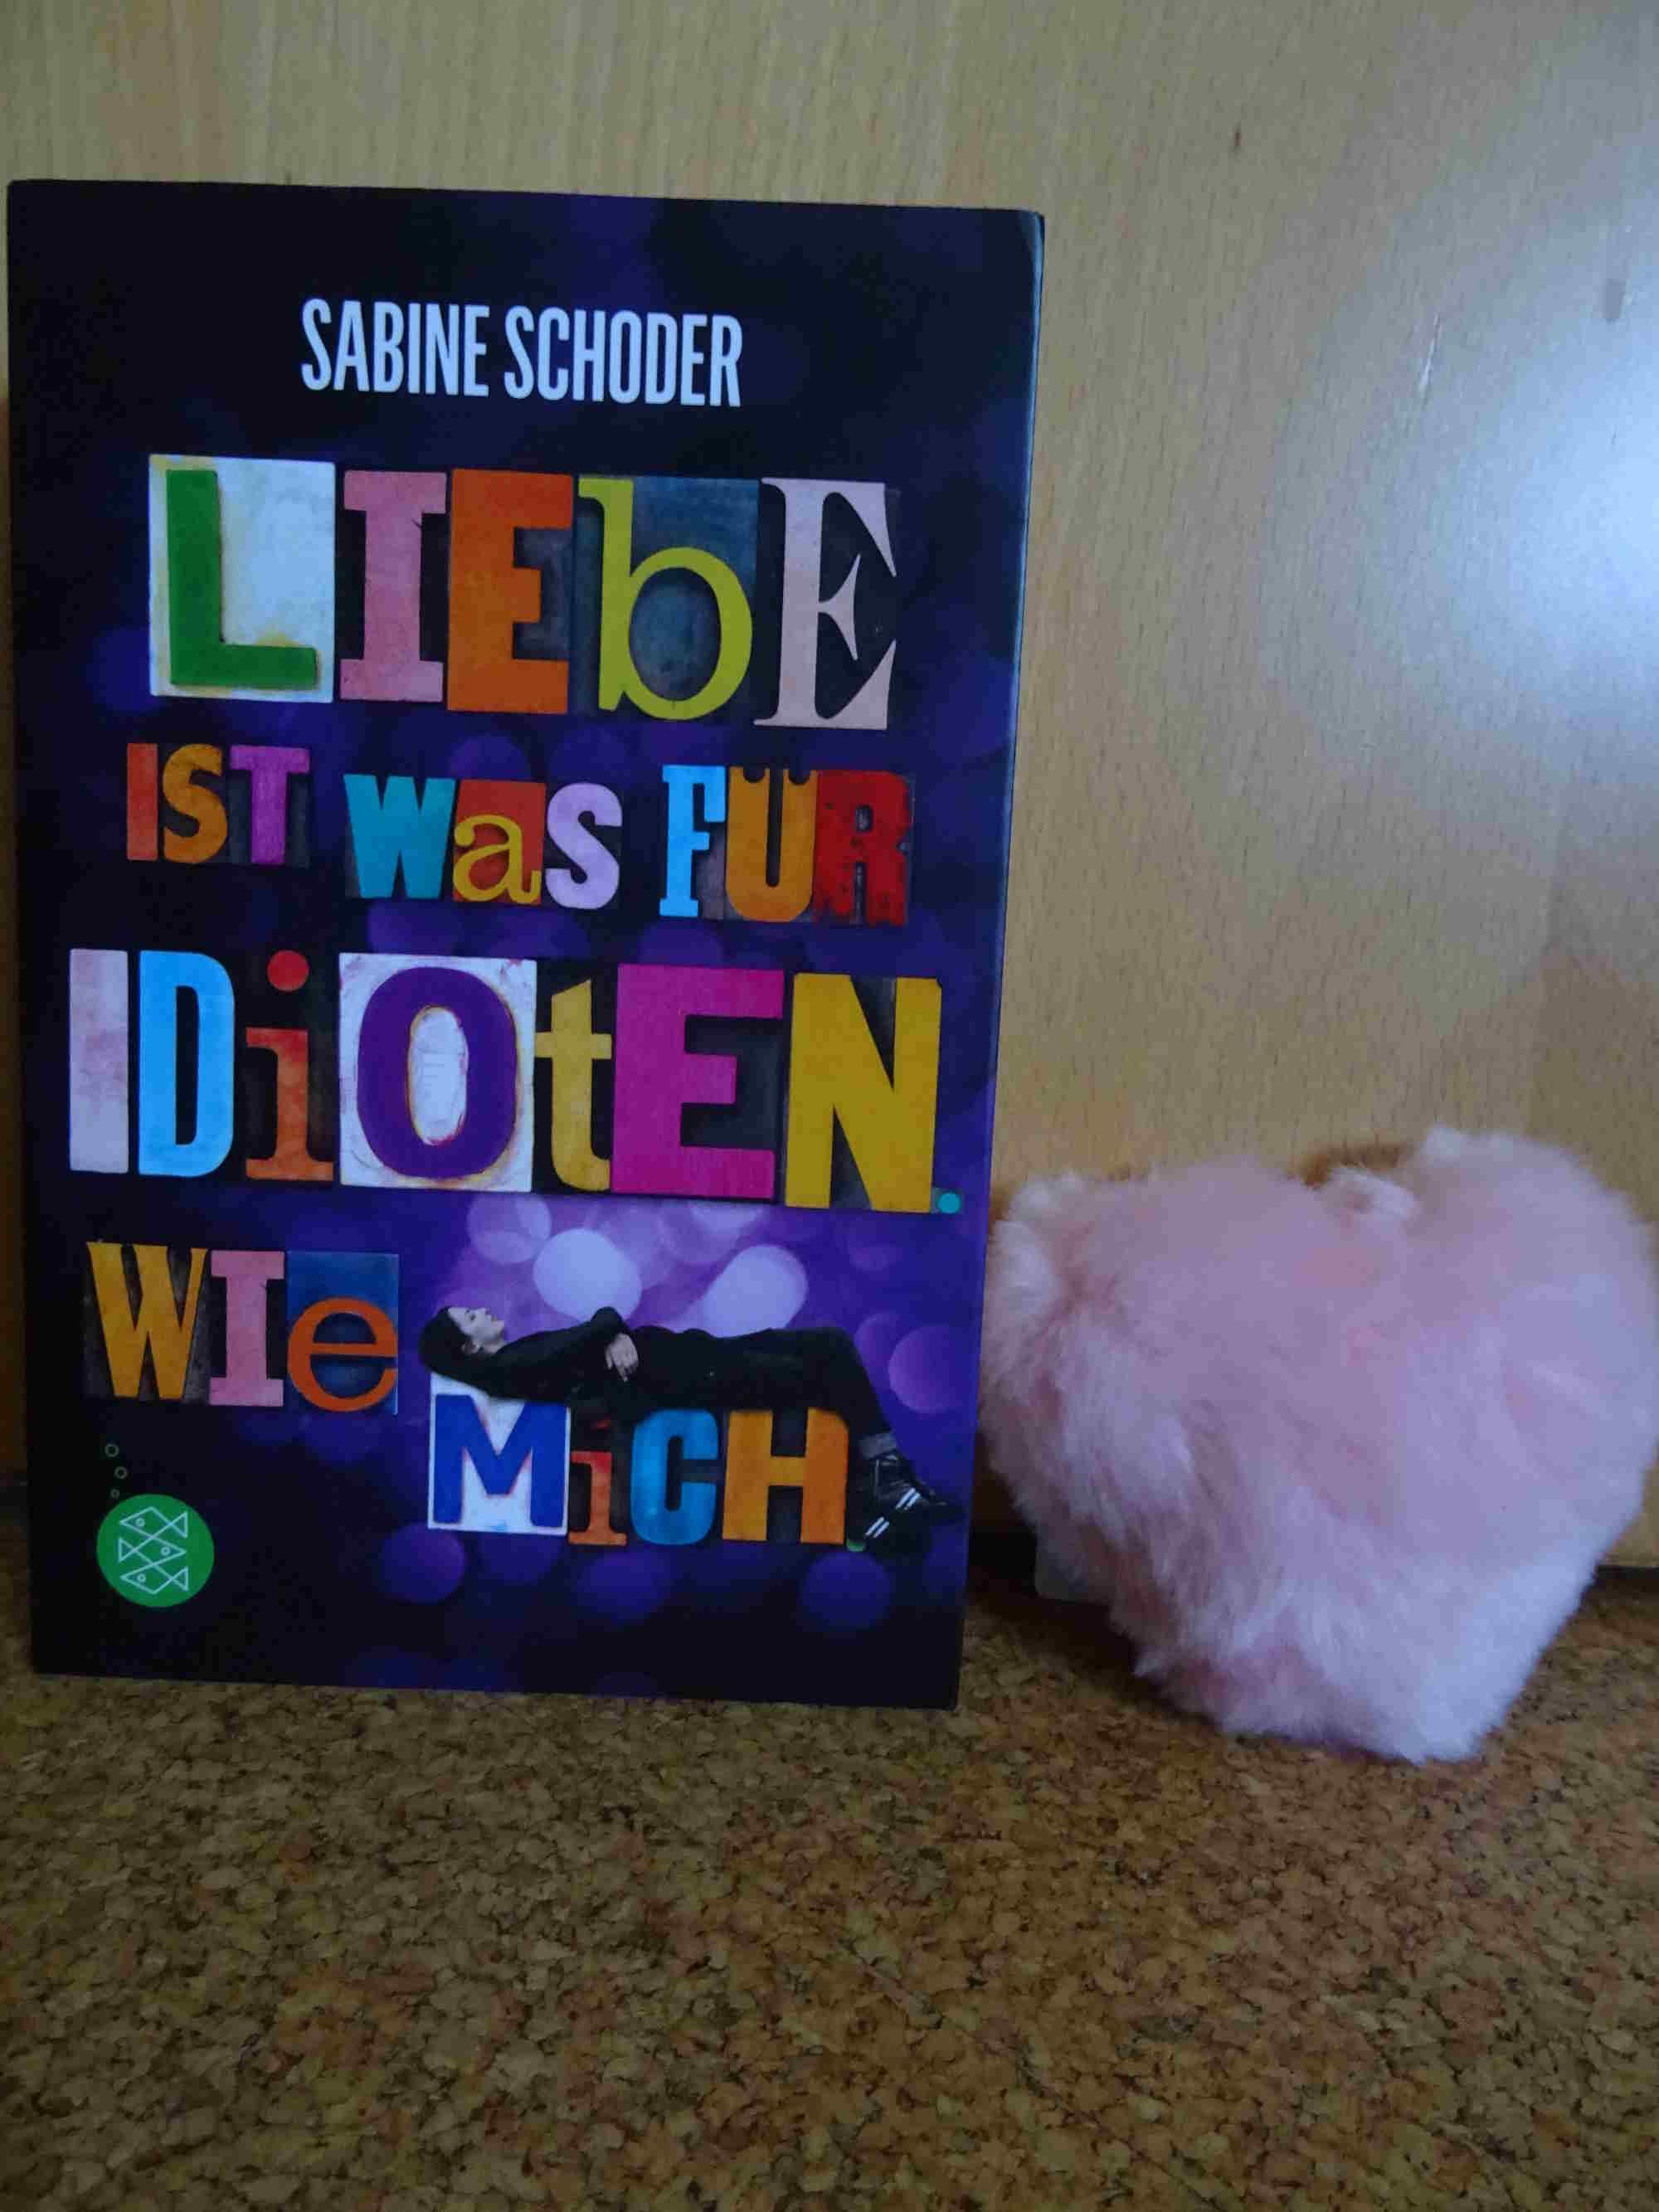 Liebe ist was für Idioten wie mich von Sabine Schoder